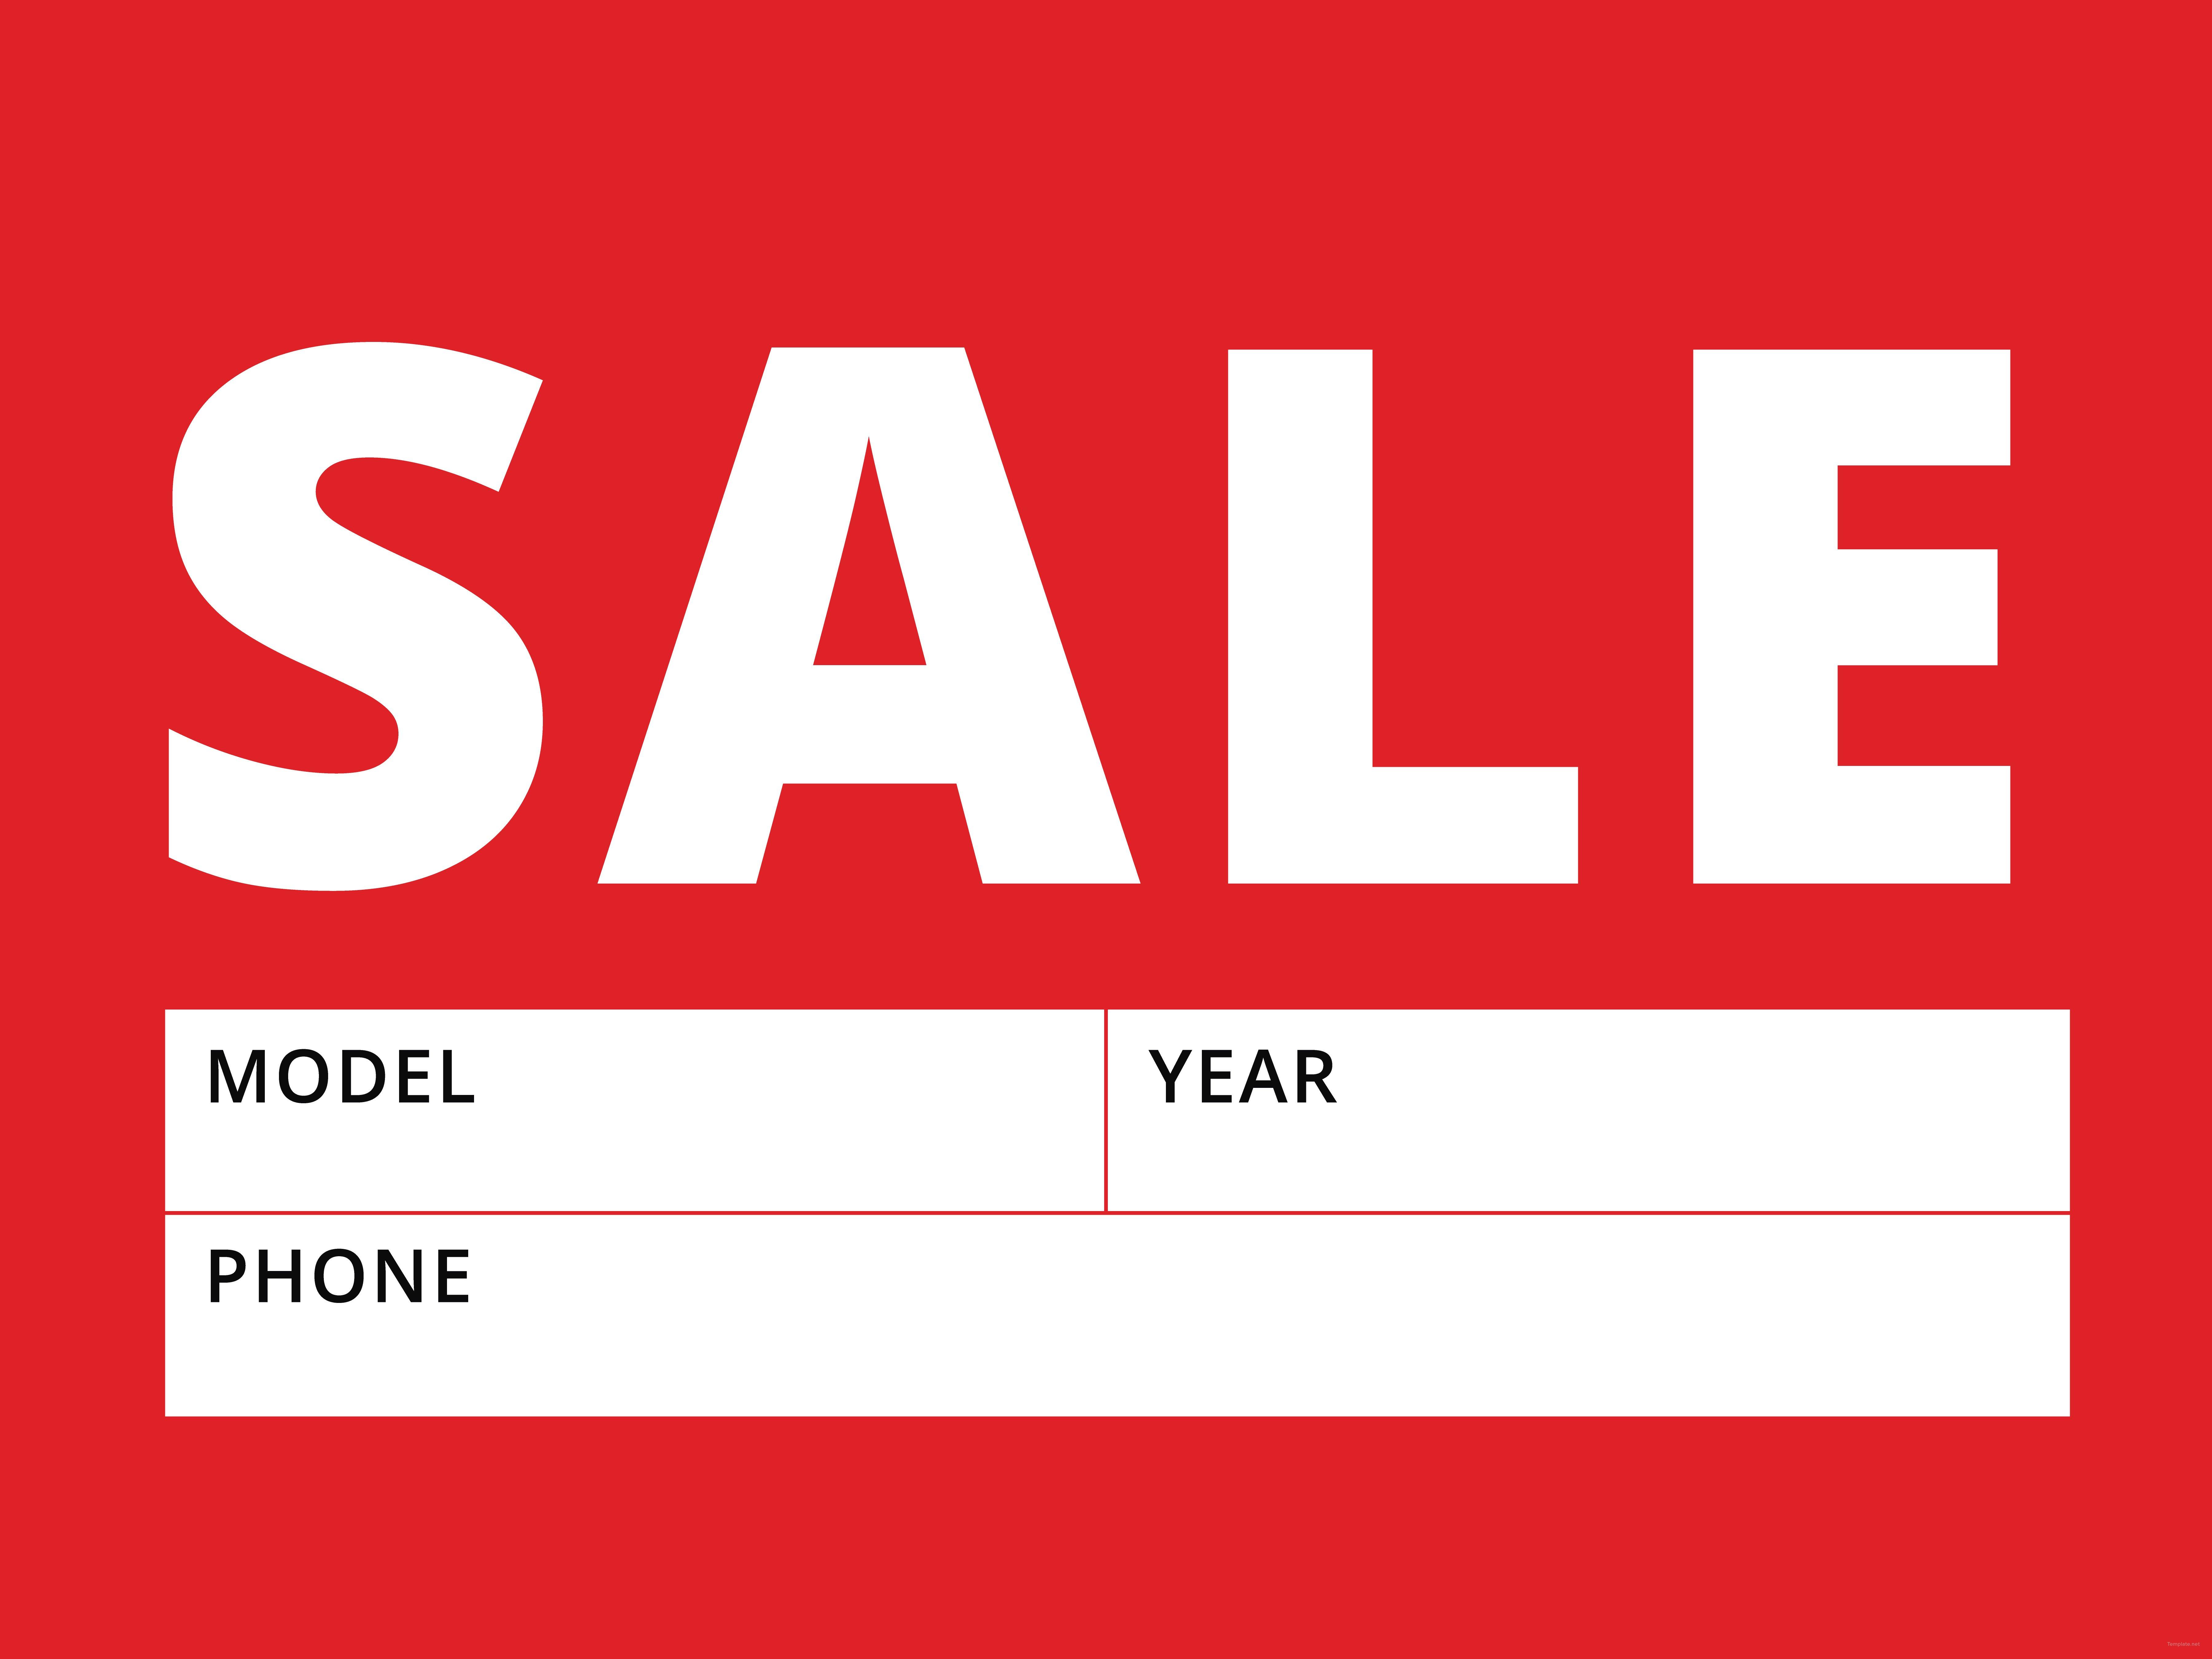 free sale sign template in adobe photoshop illustrator indesign. Black Bedroom Furniture Sets. Home Design Ideas